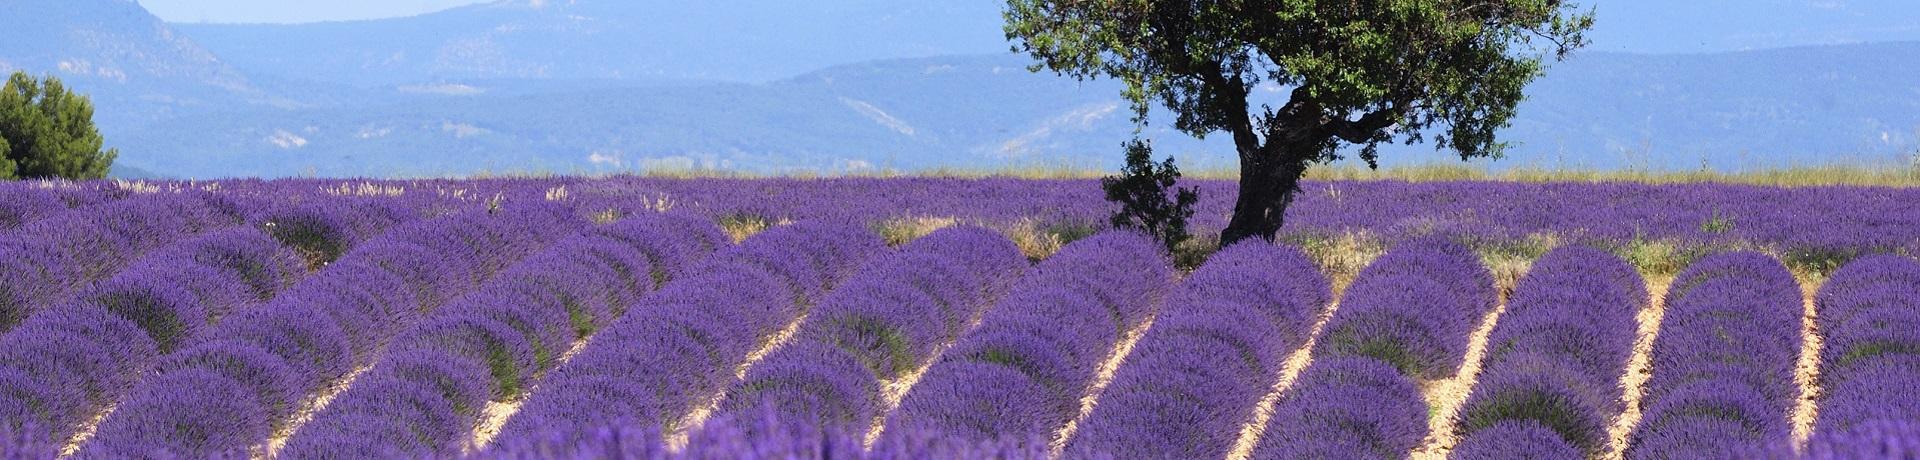 Frankreich: Provence - Emotion II